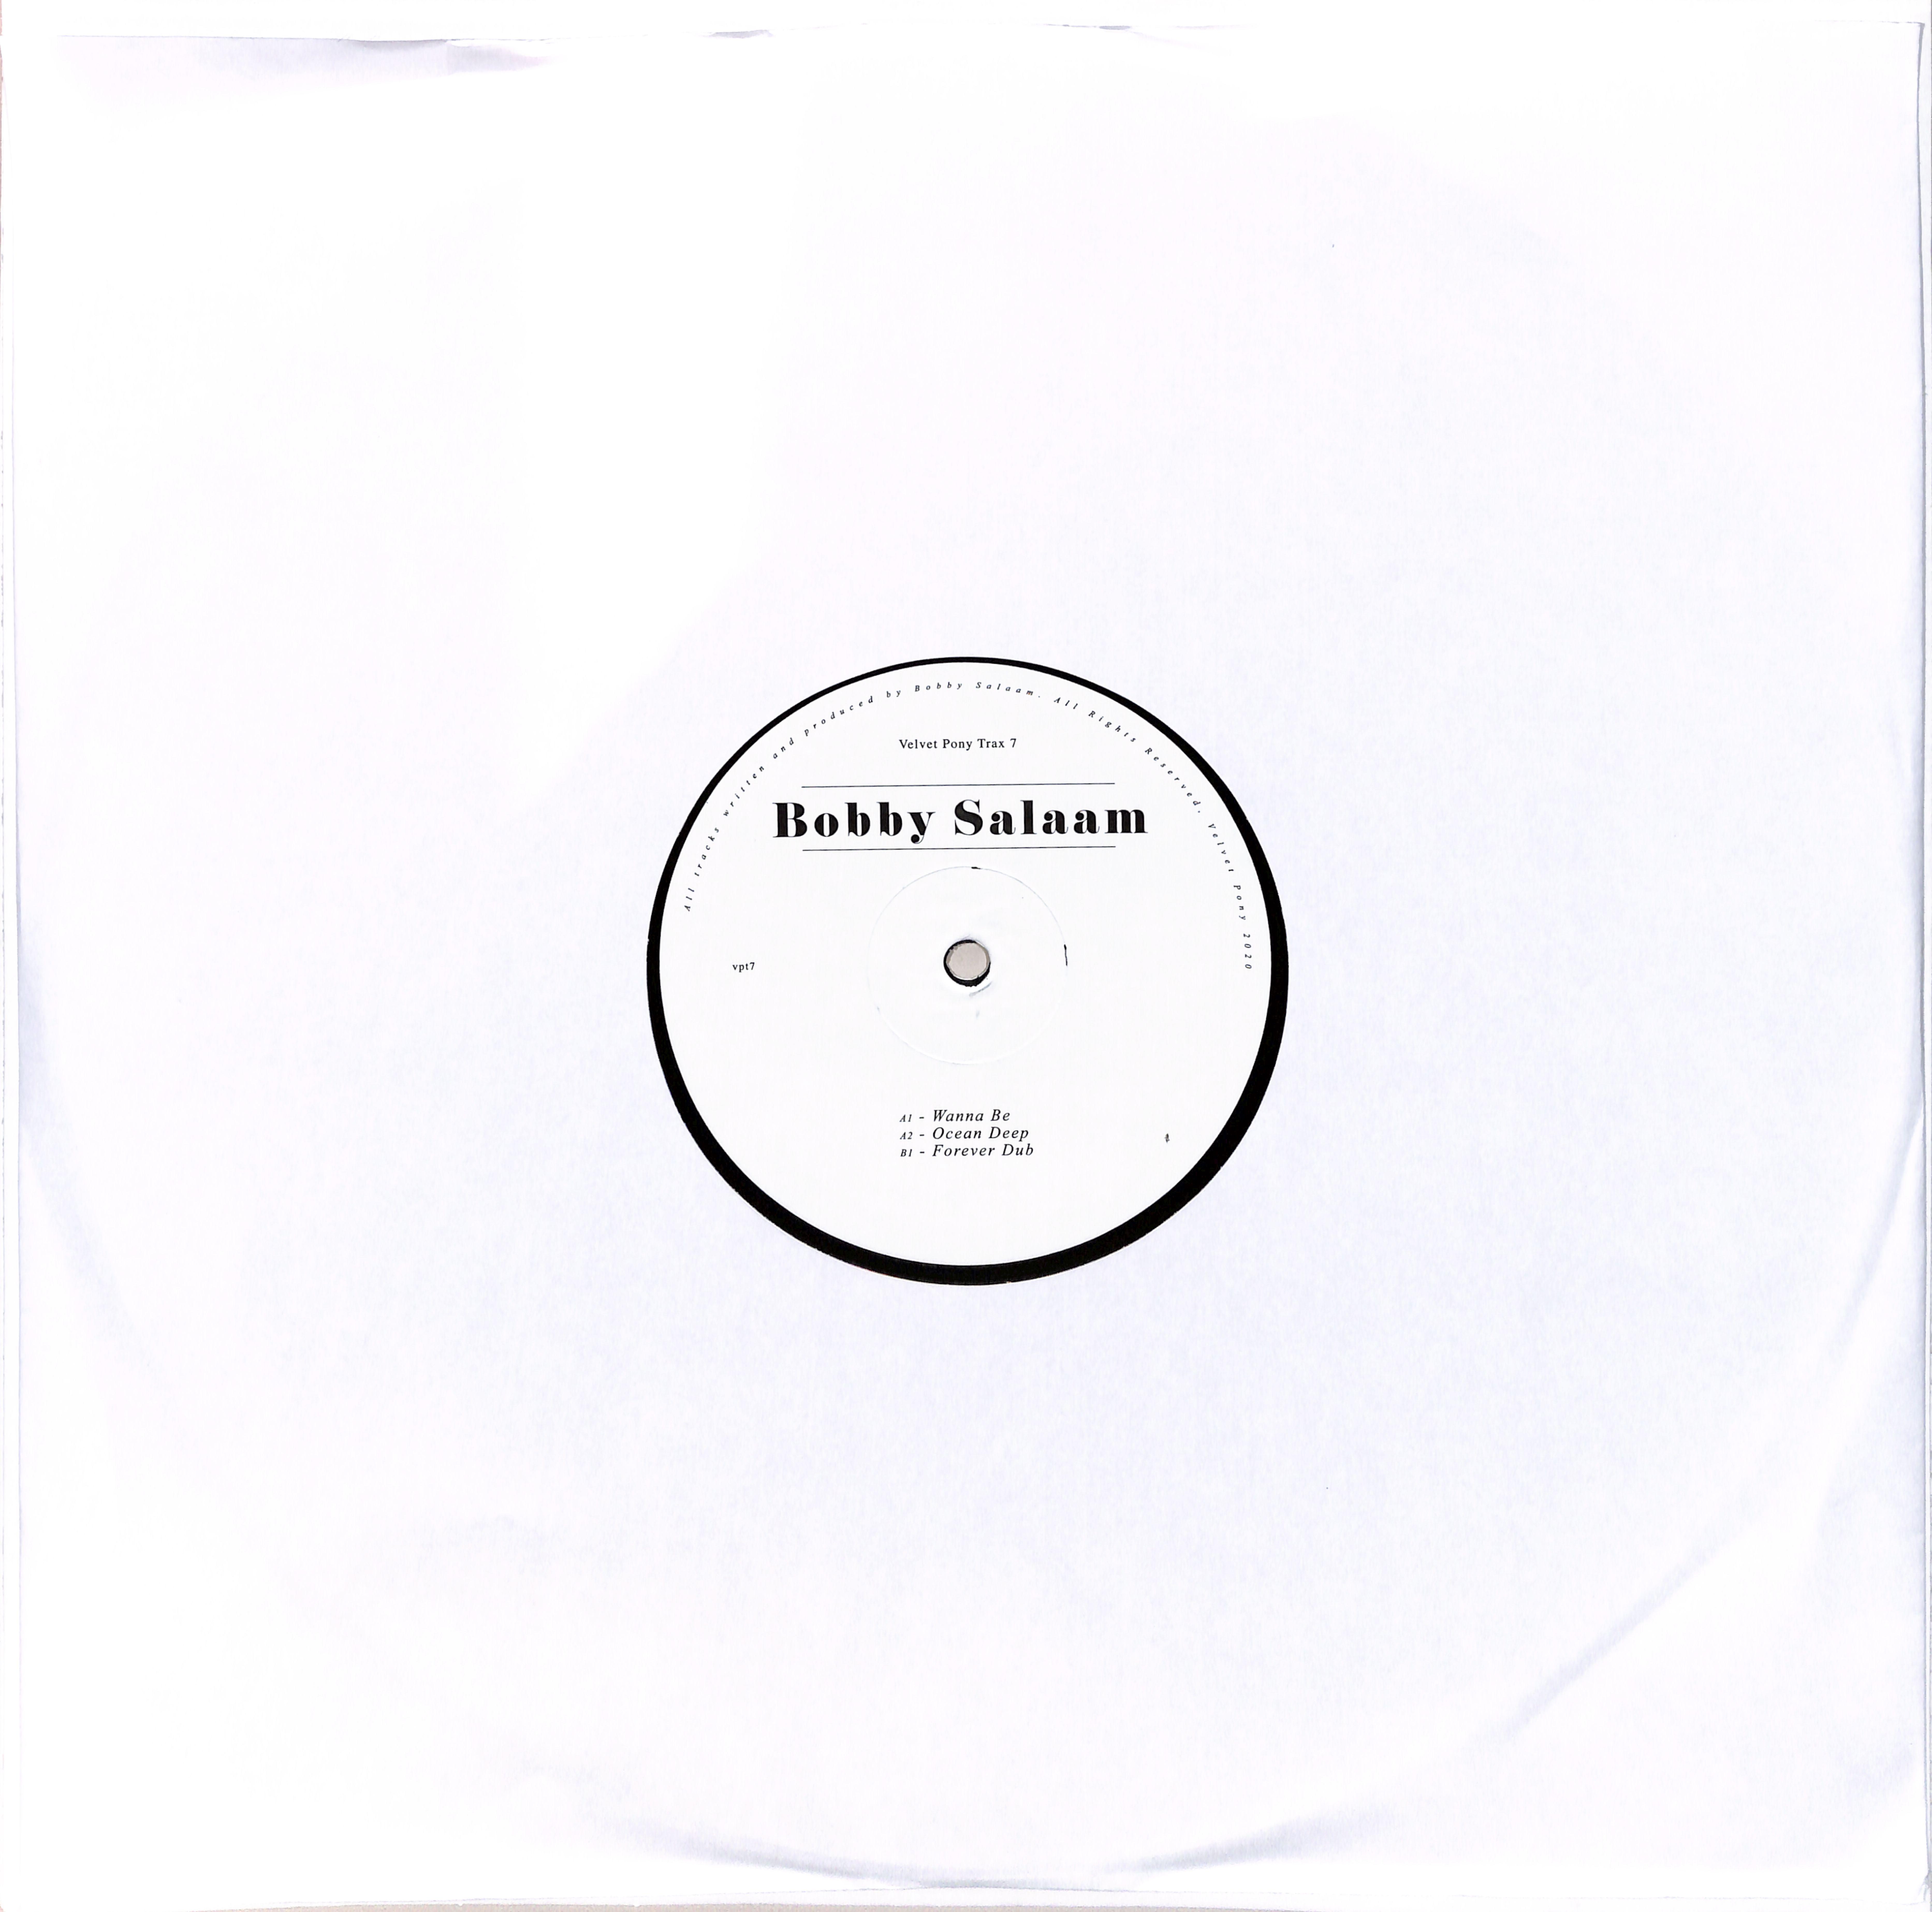 Bobby Salaam - VELVET PONY TRAX 7